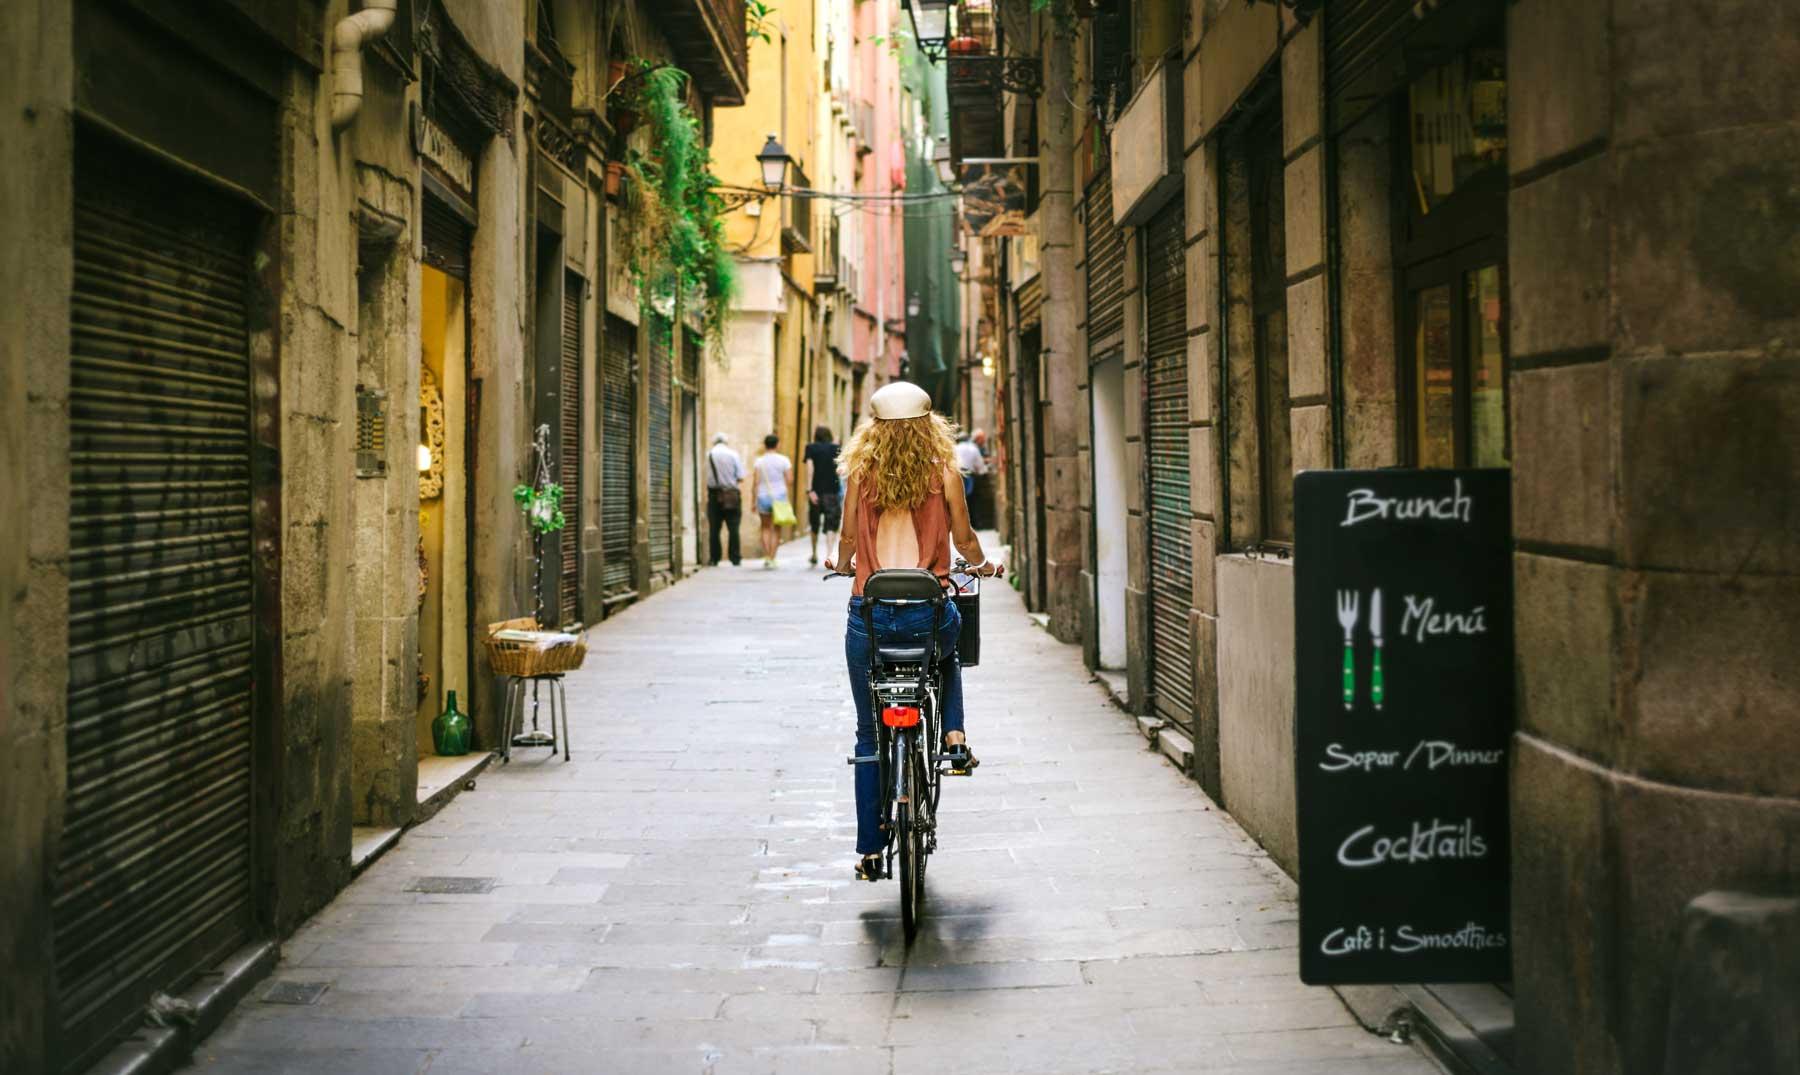 Costo de vida en Barcelona | Cuánto necesitas para vivir en la ciudad